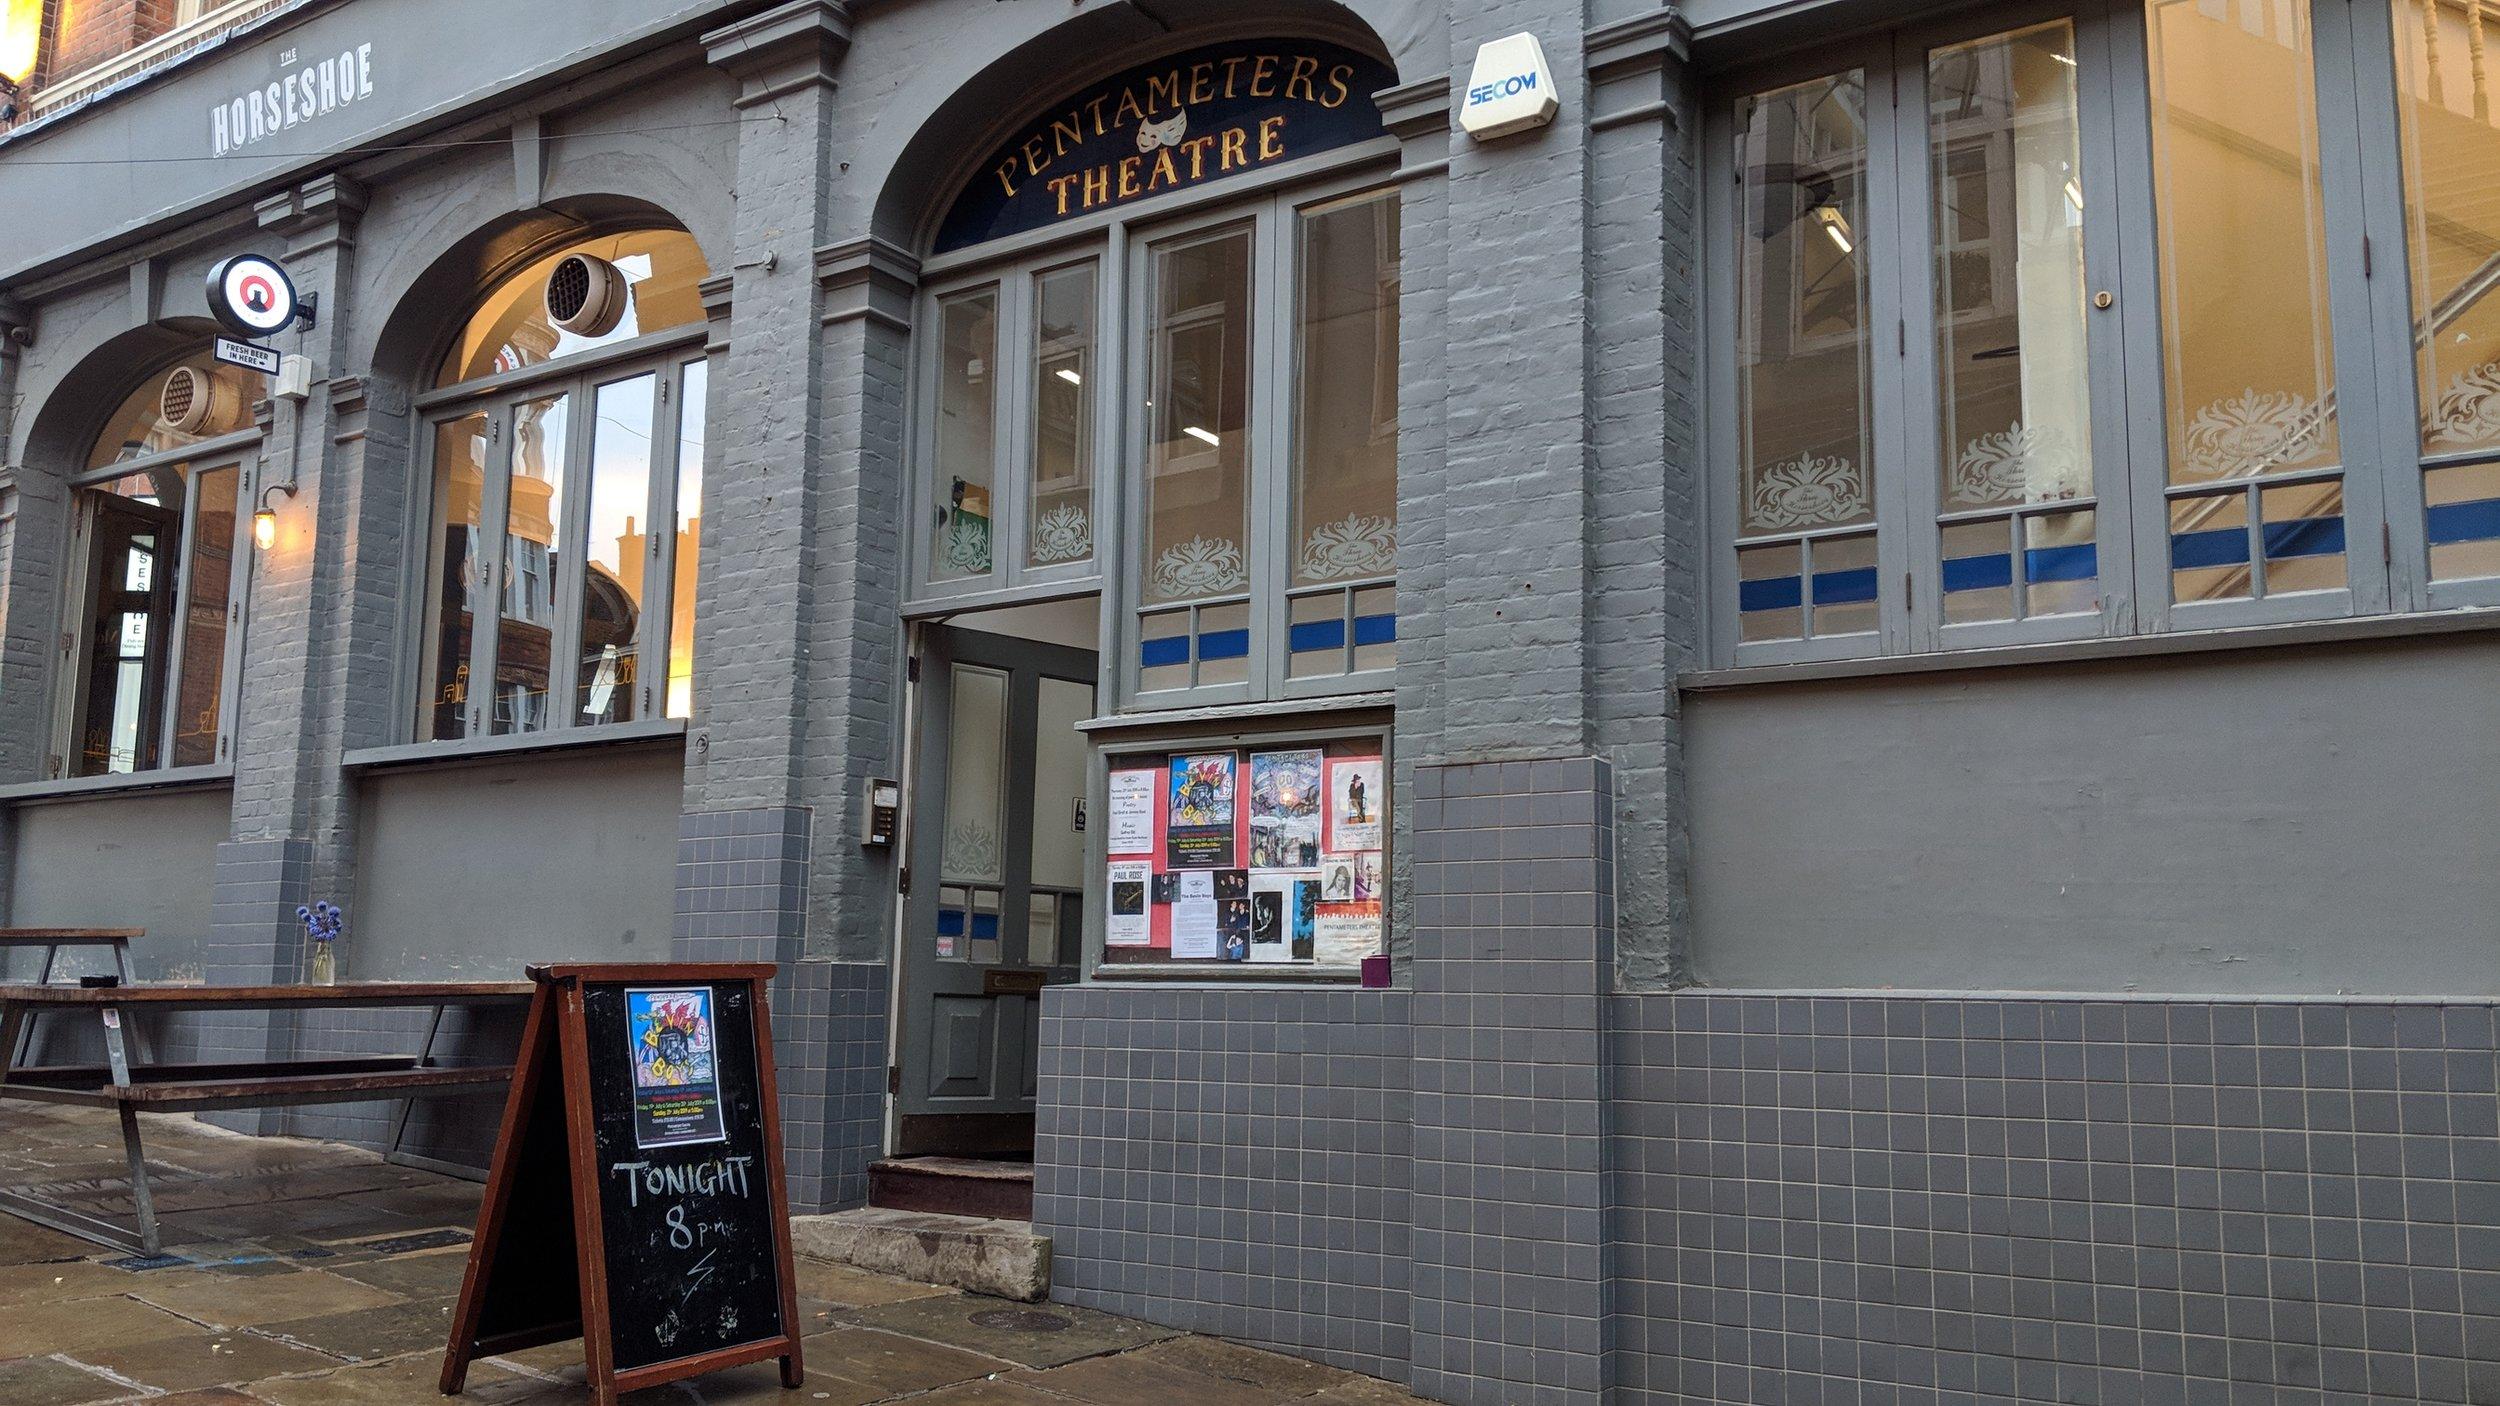 Pentameters Theatre - visited 19/07/2019